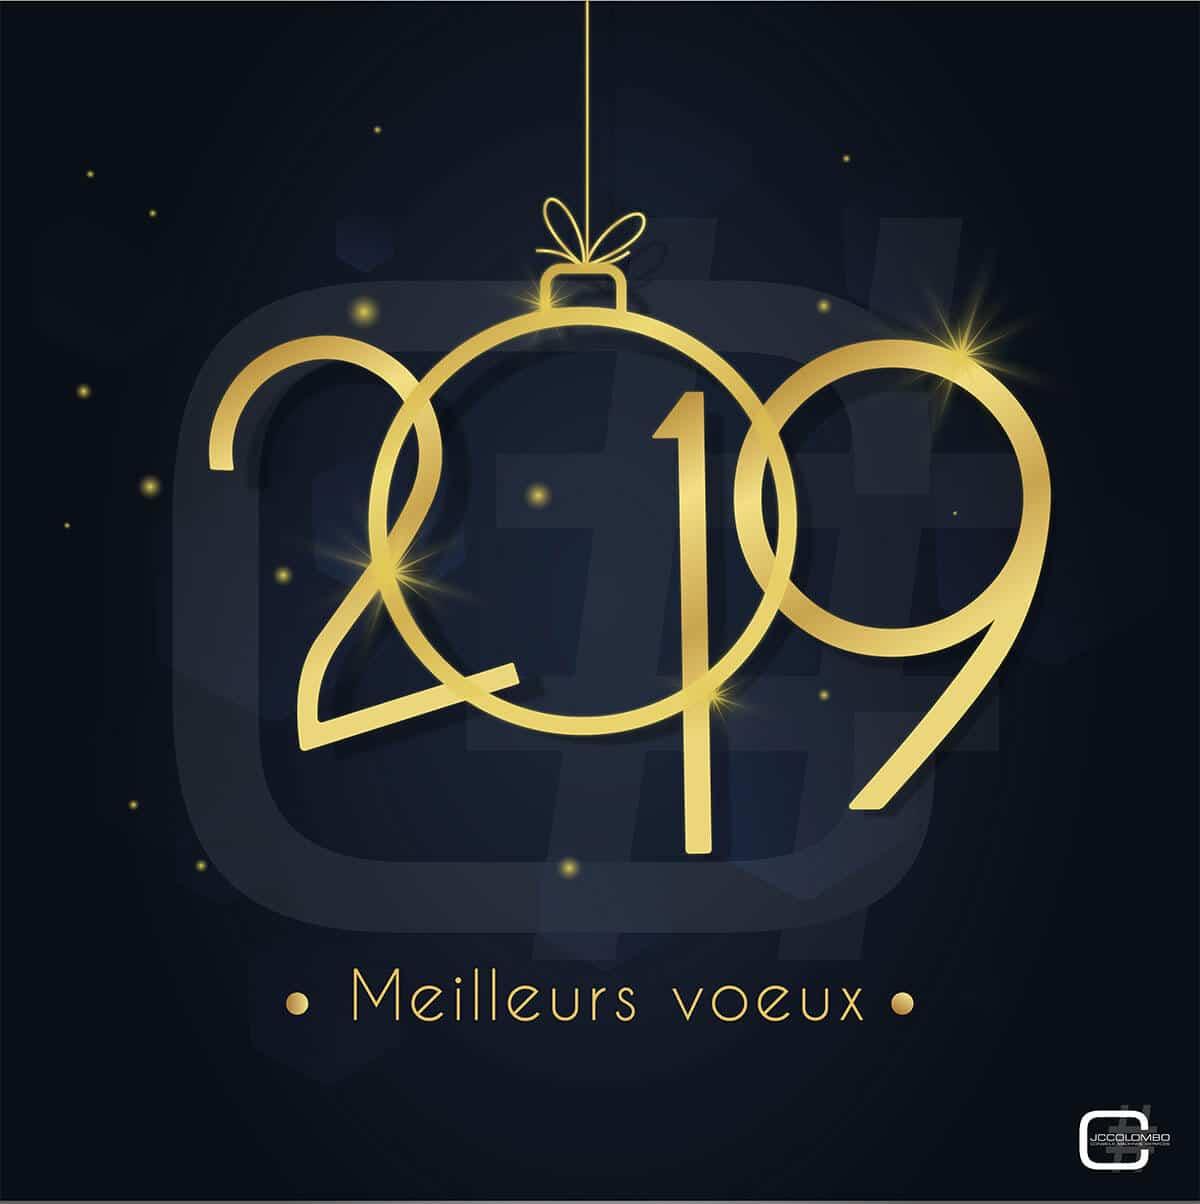 JC Colombo vous présente ses meilleurs voeux pour l'année 2019.